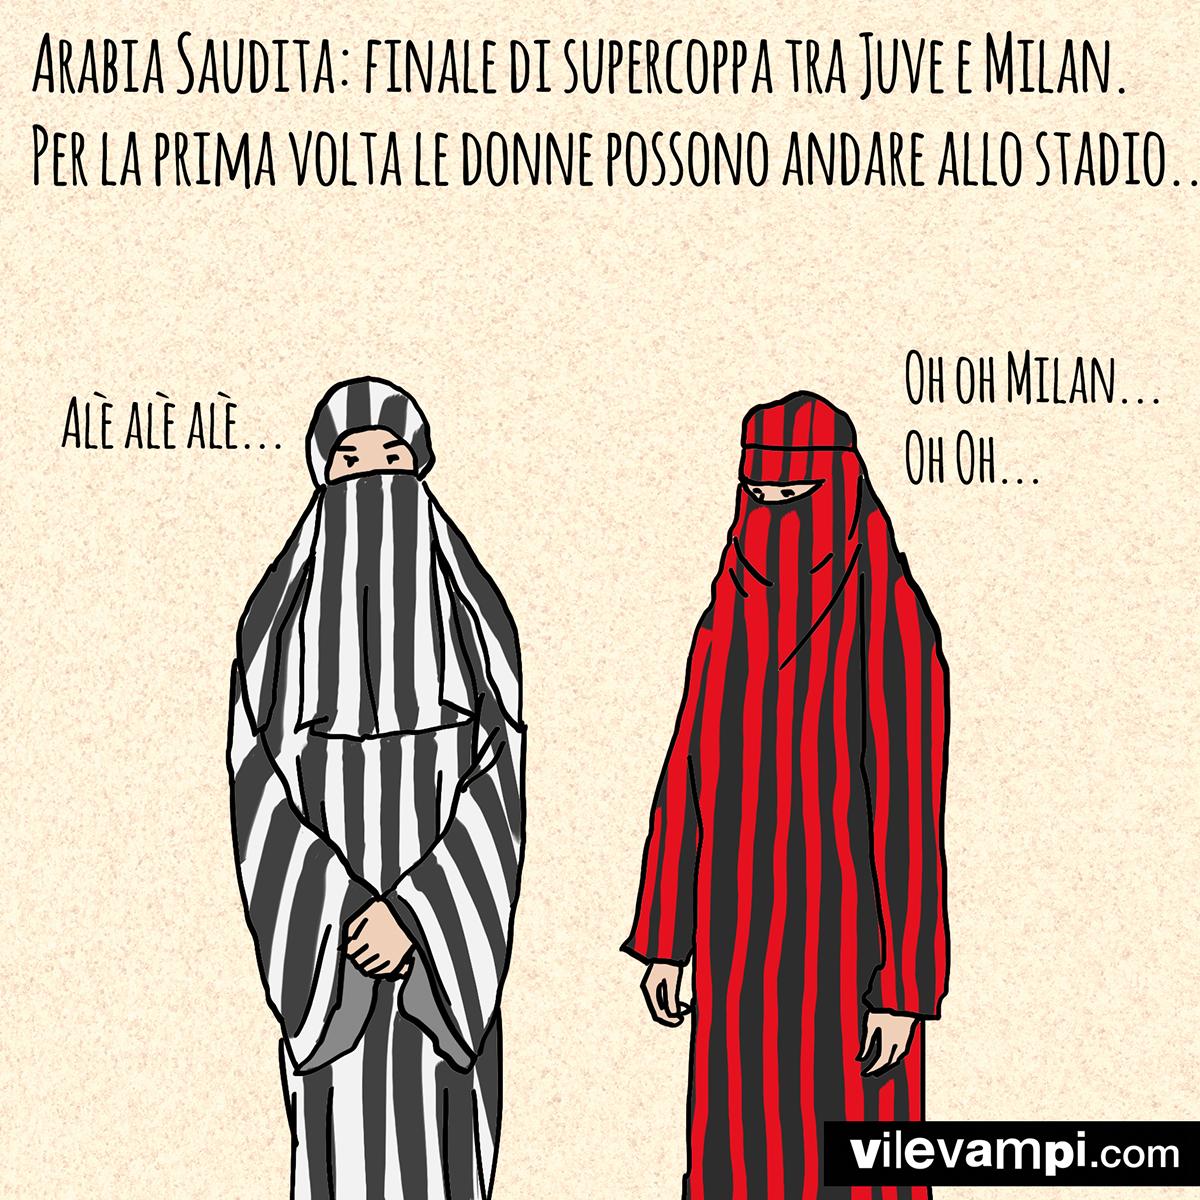 2019_Partita Arabia